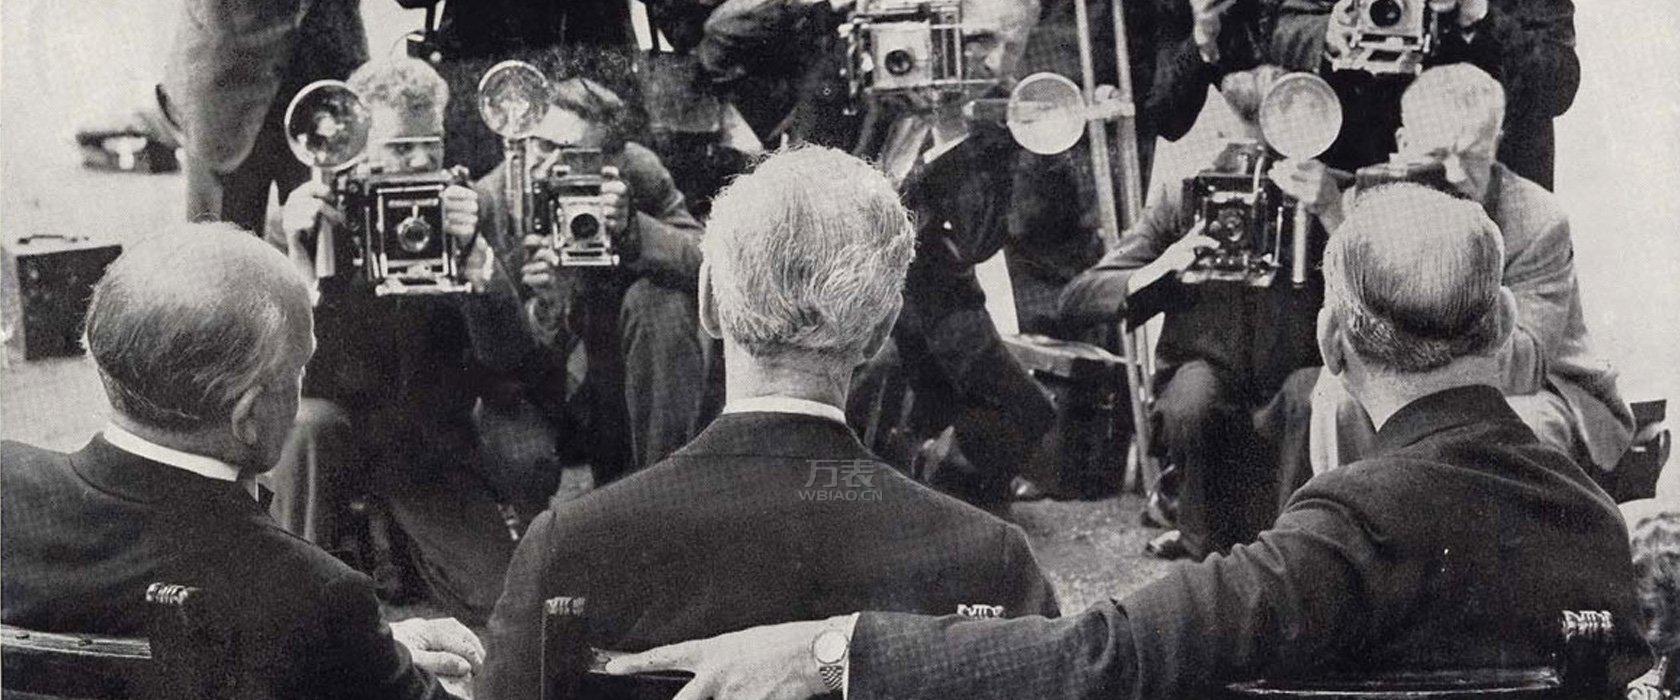 劳力士手表发展史回眸:找寻Rolex那些逝去的年代记忆